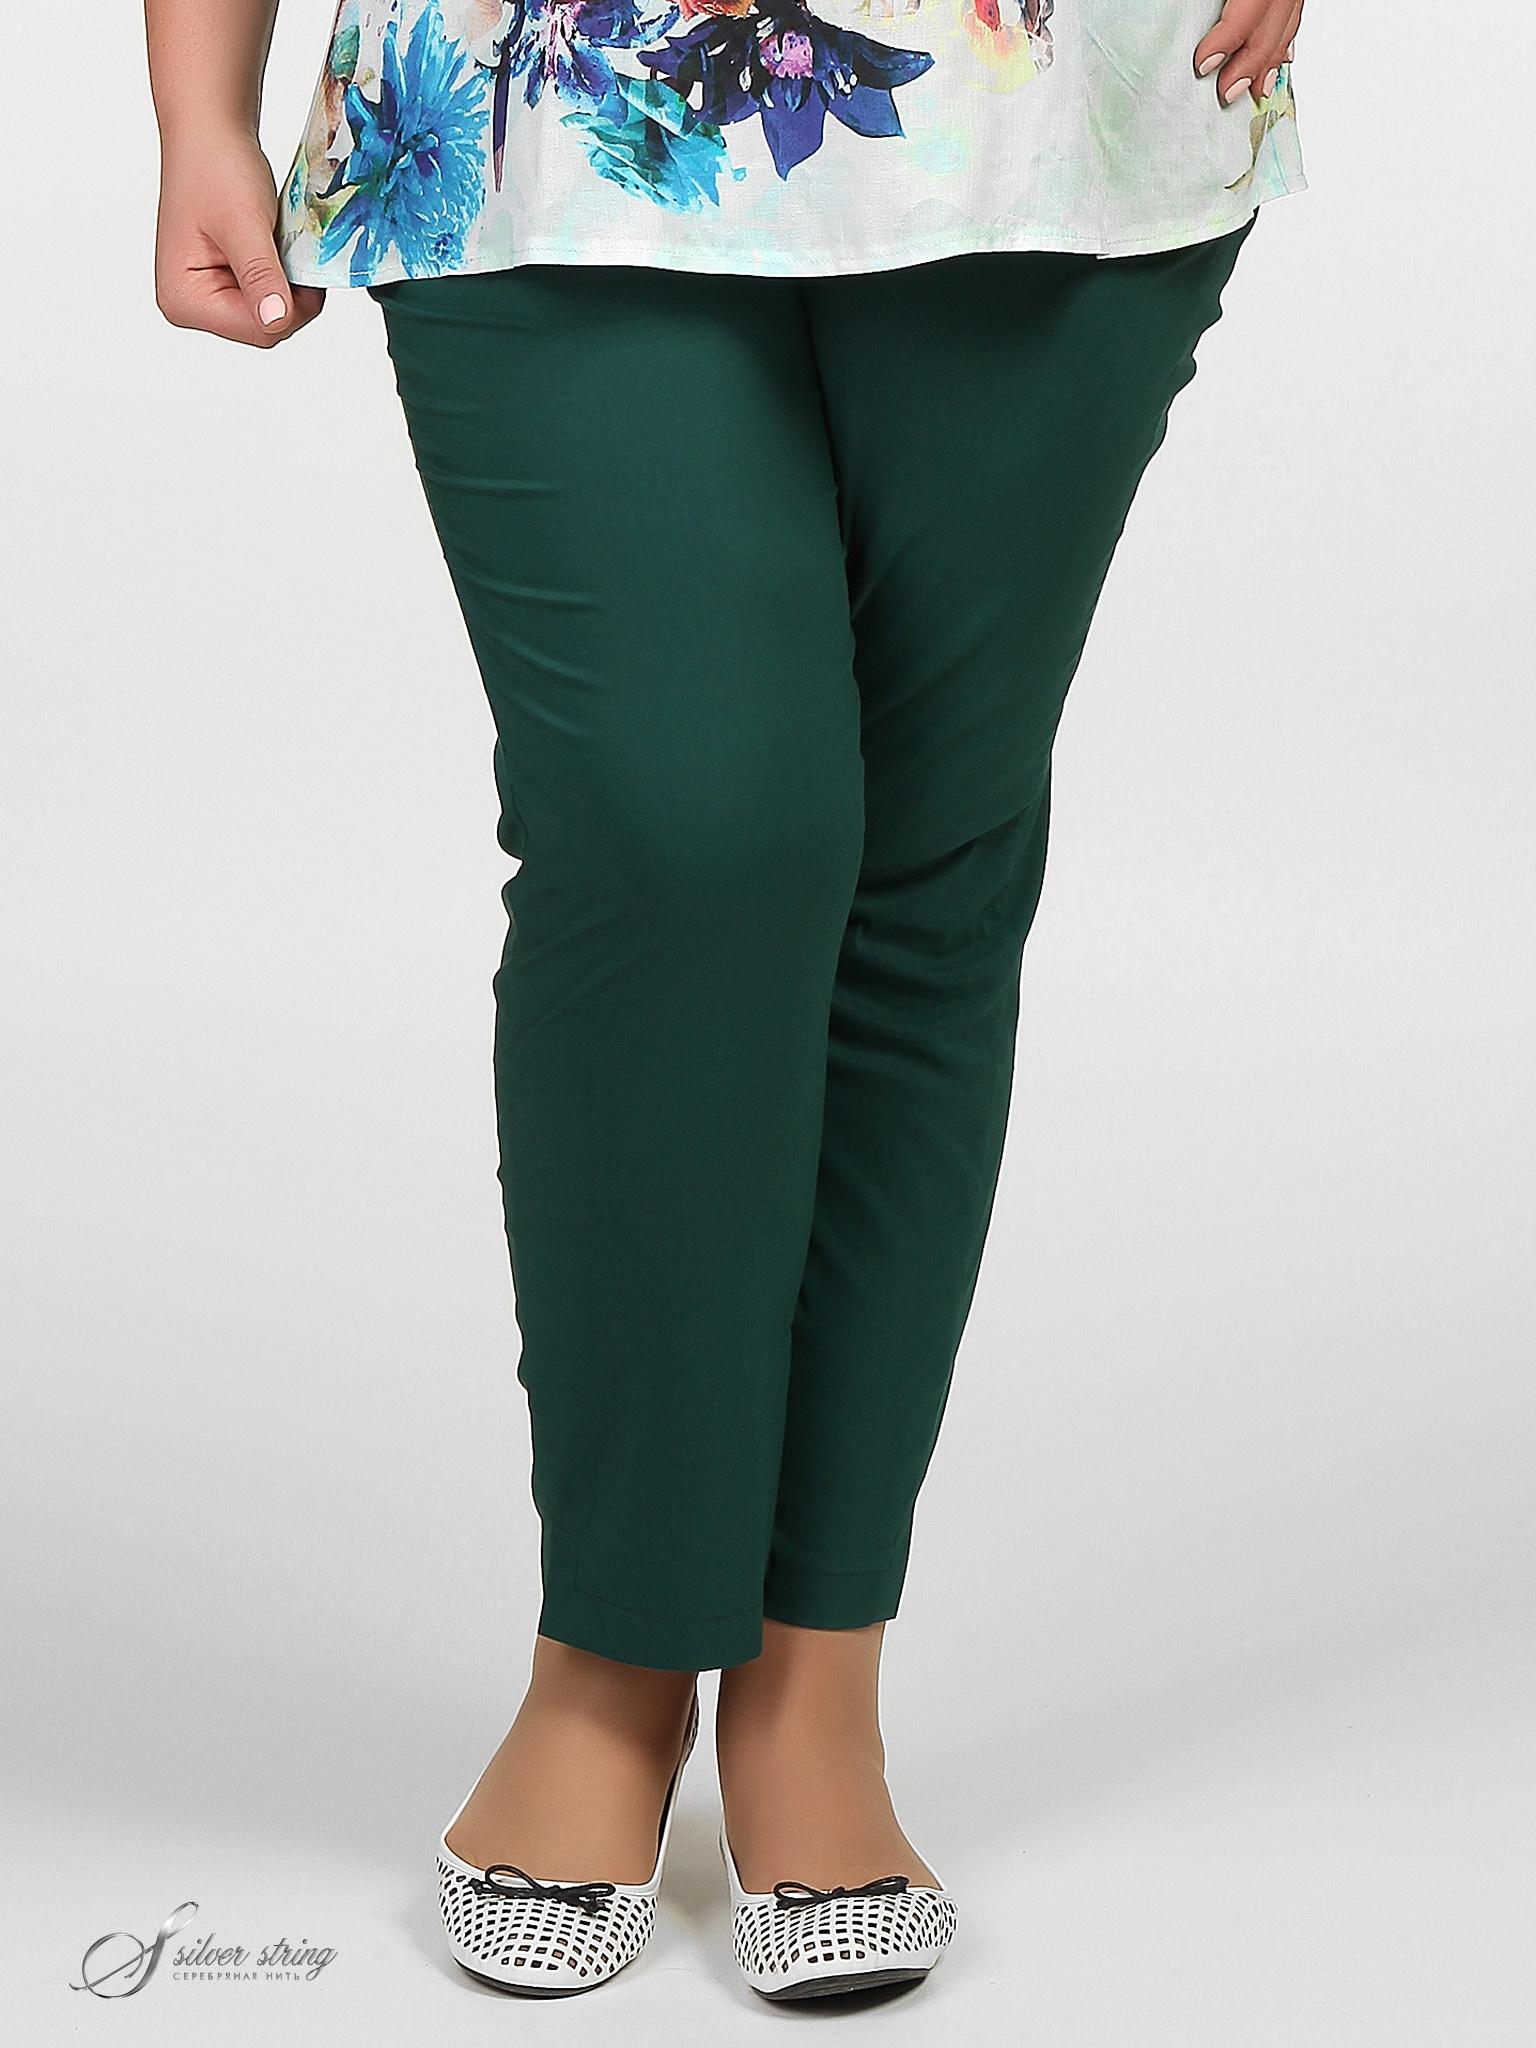 64b0ab5d9f7 Женская одежда больших размеров - брюки - 270221027. брюки - 270221027